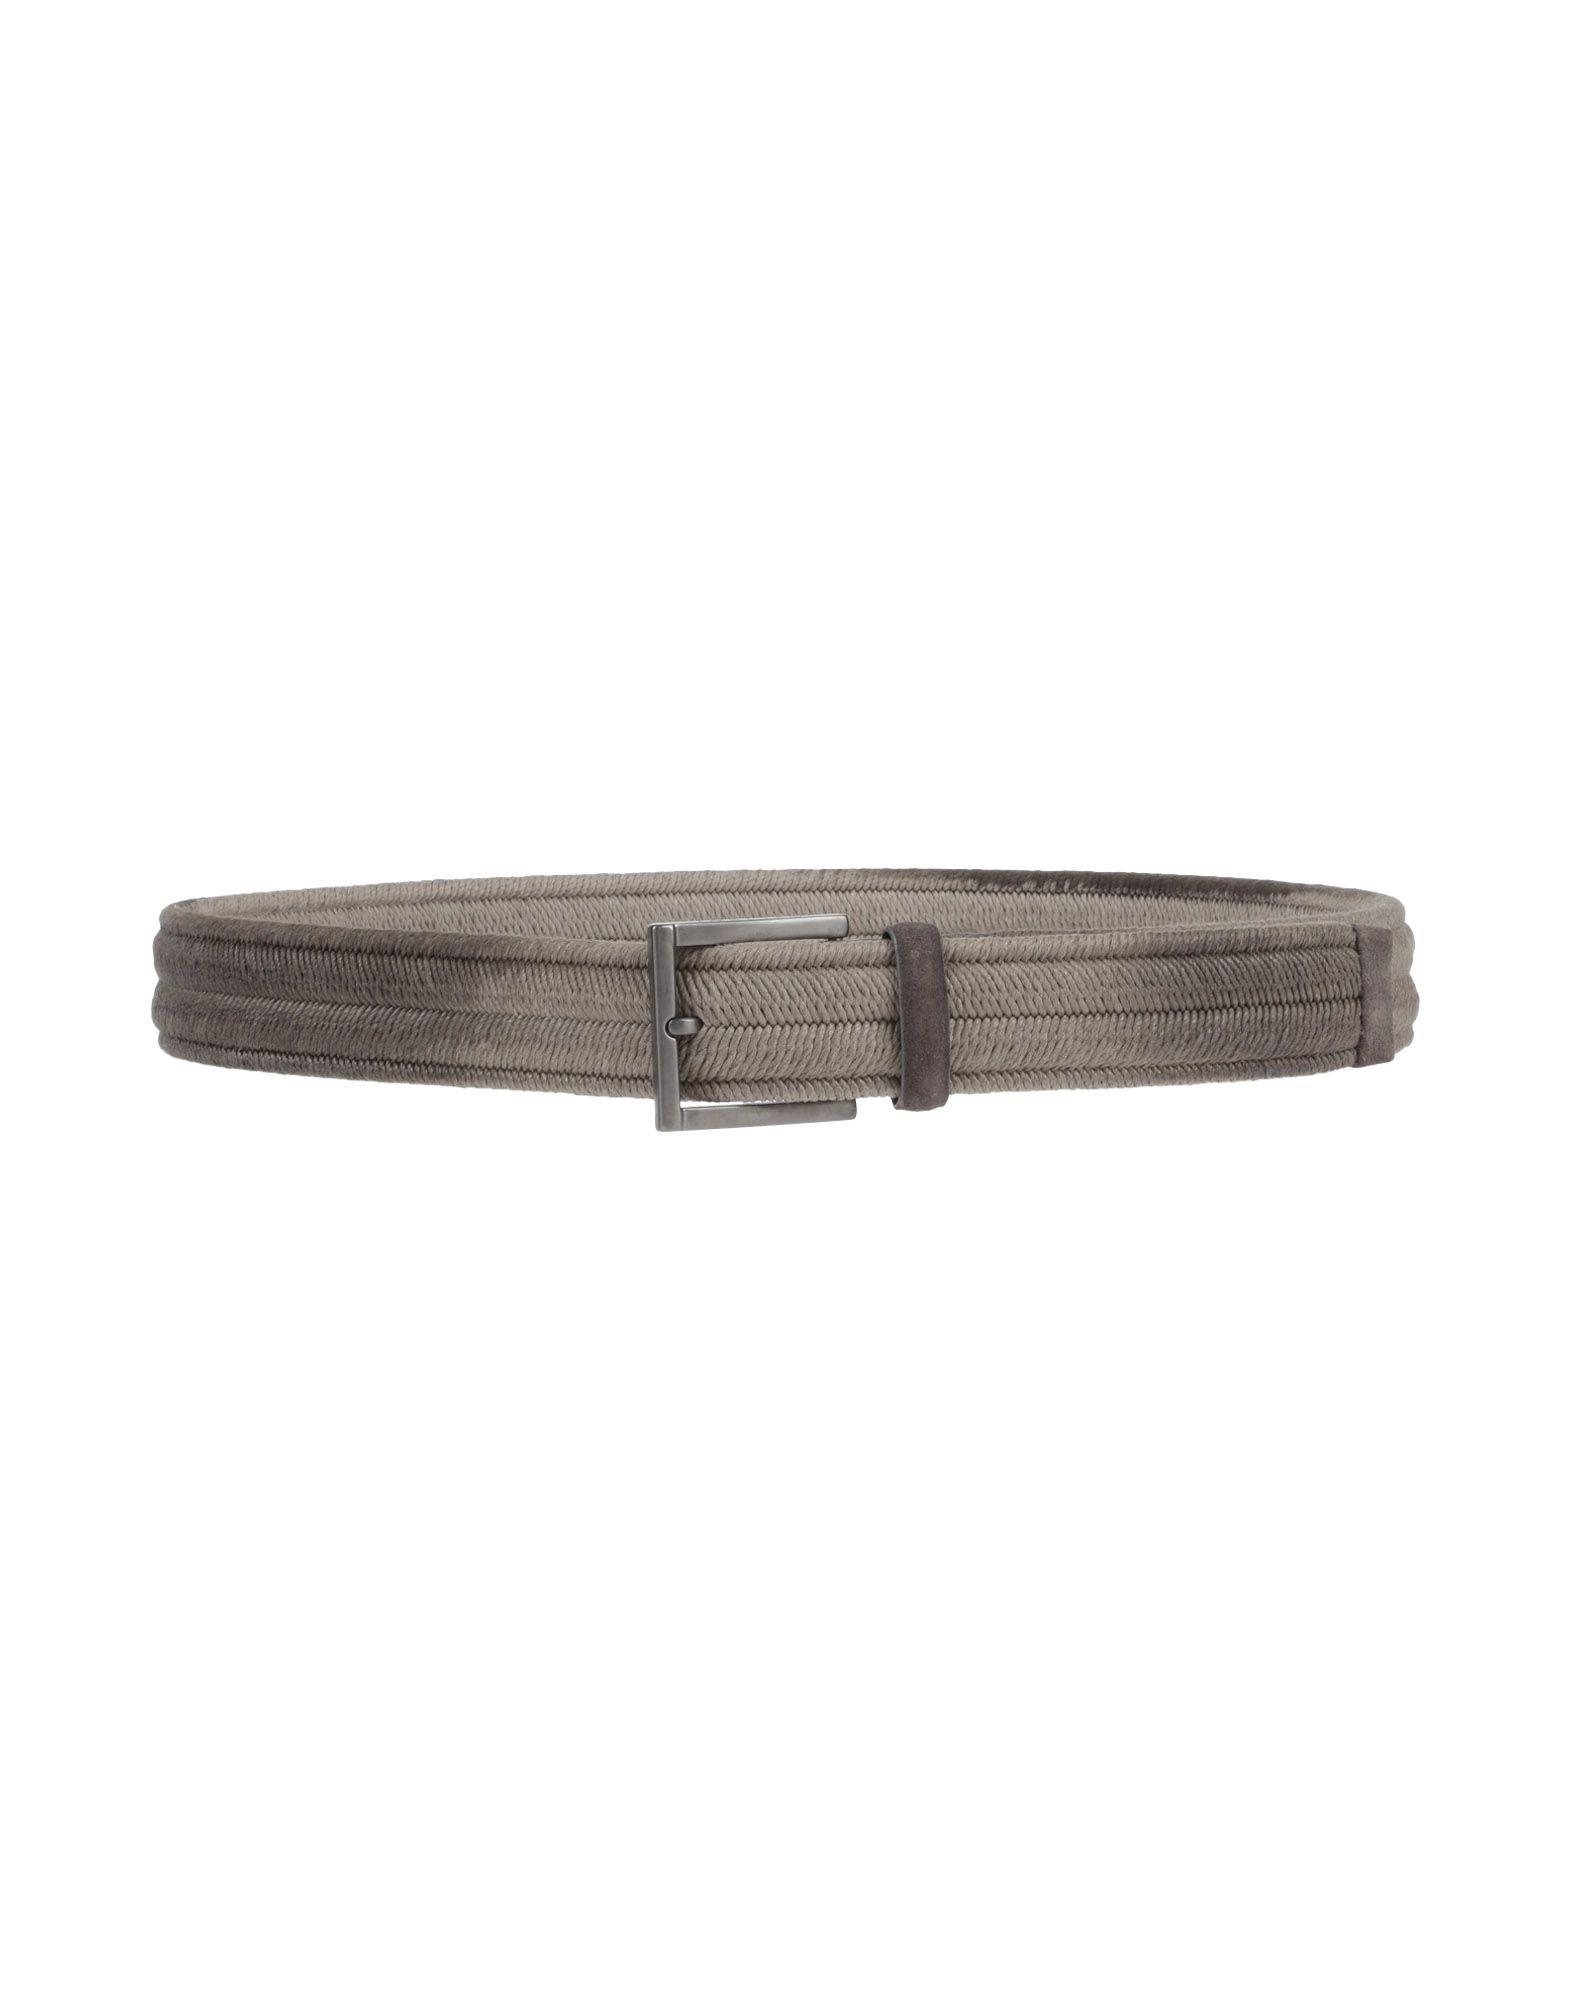 《送料無料》ORCIANI メンズ ベルト グレー 95 紡績繊維